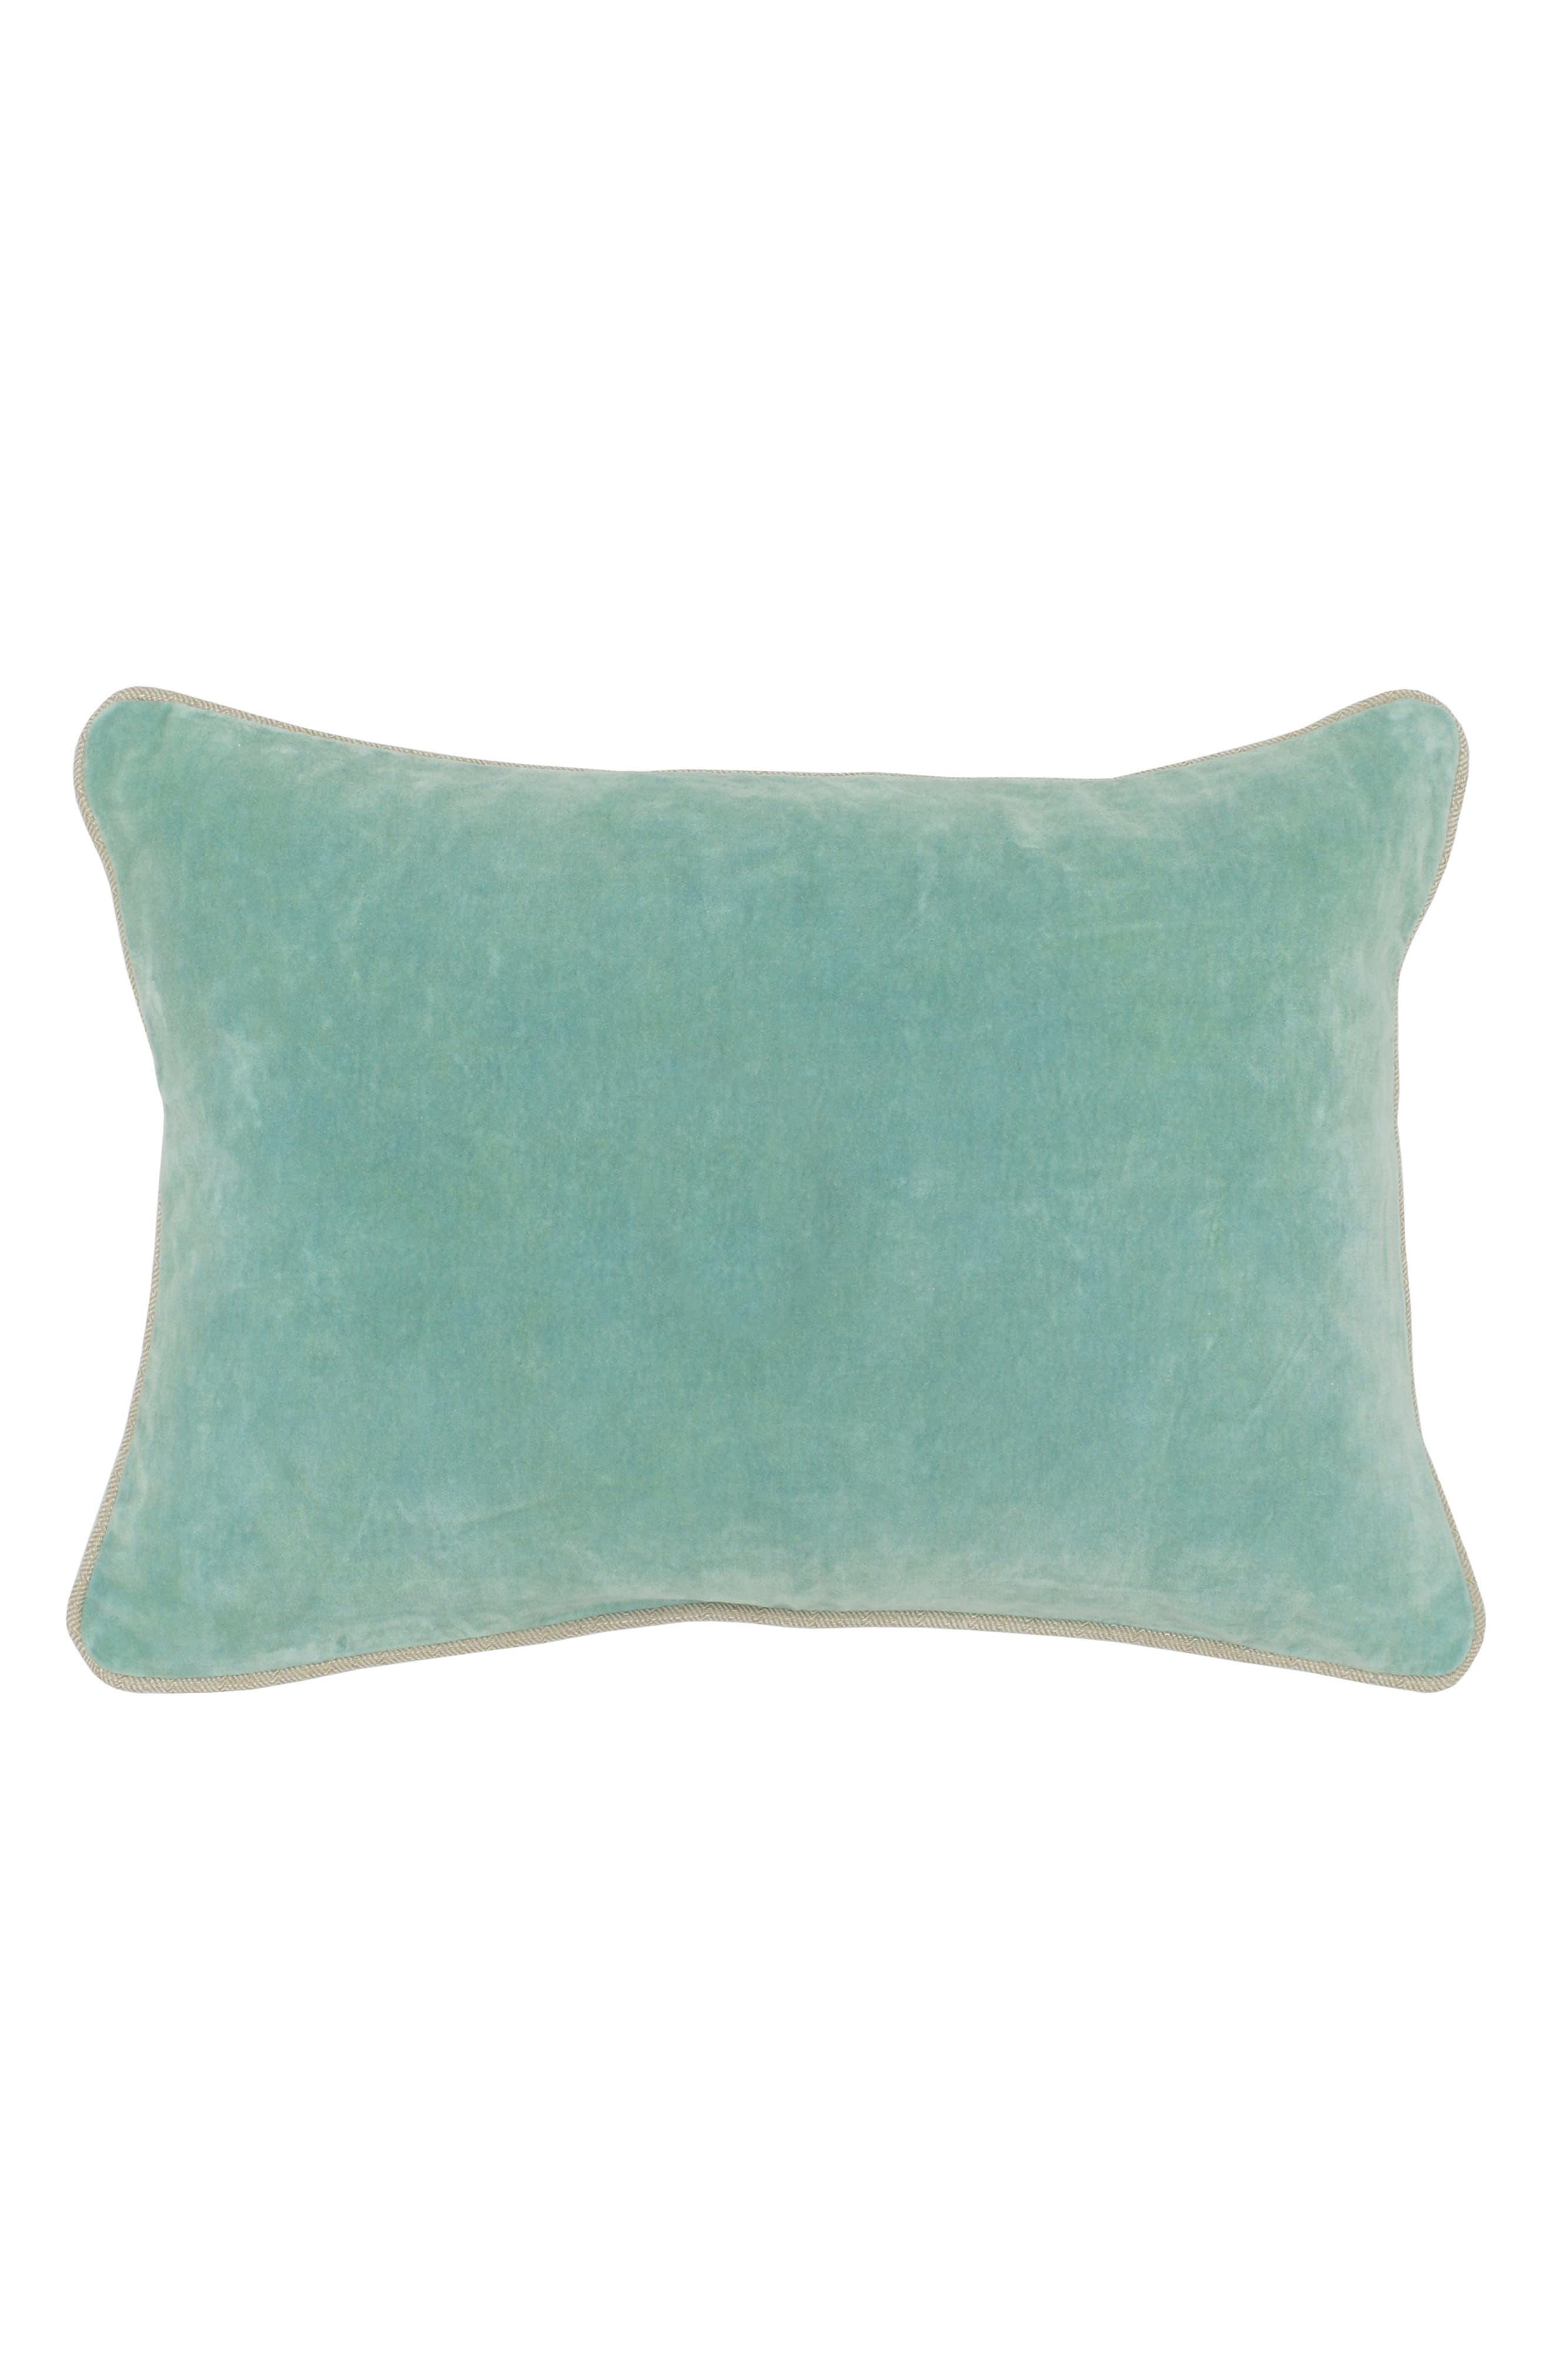 Heirloom Velvet Accent Pillow,                         Main,                         color, Tidal Blue